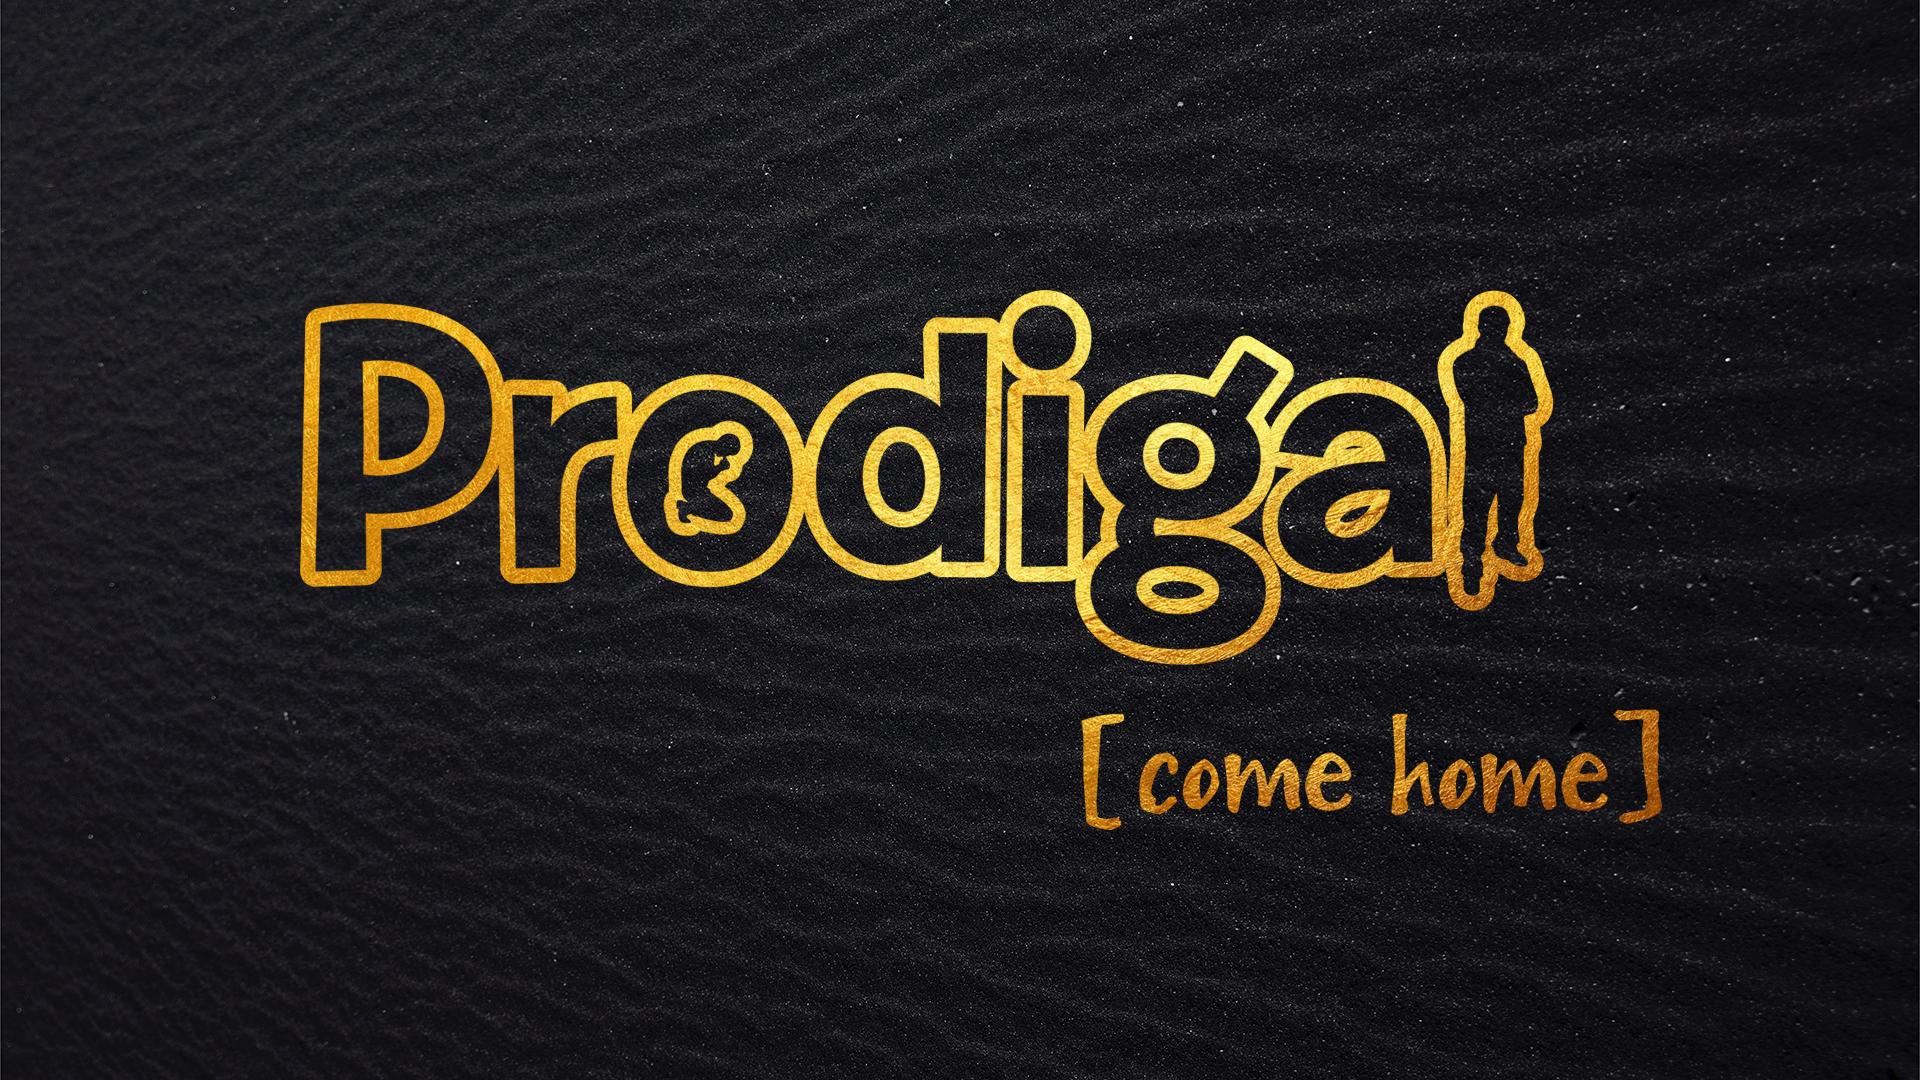 ProdigalArtwork